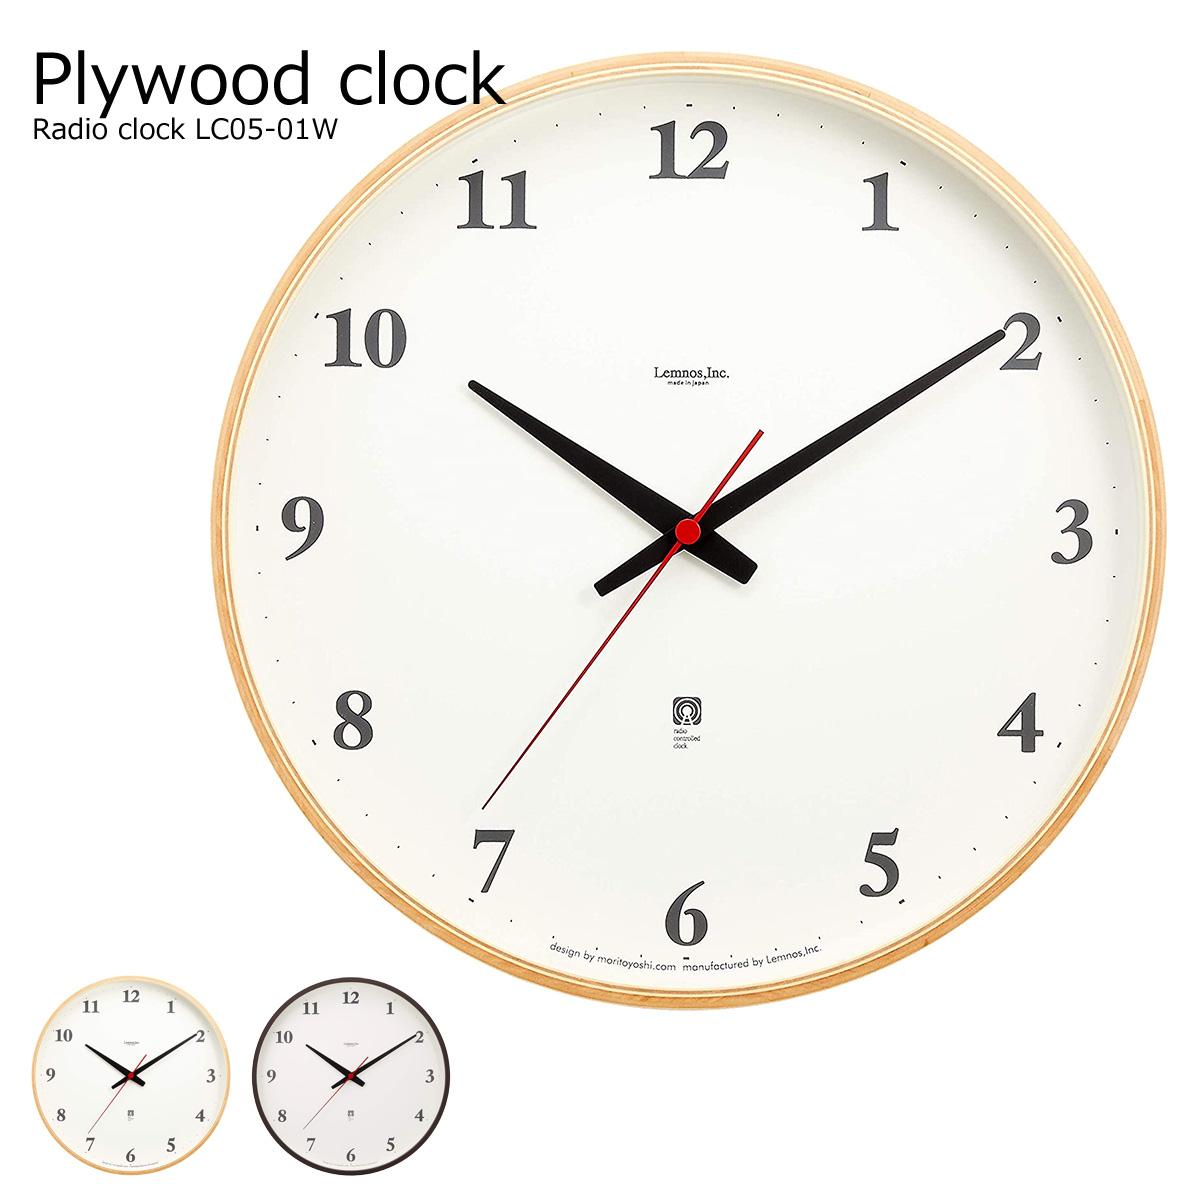 電波時計 アナログ 北欧 壁掛け時計 電波 おしゃれ 時計 壁掛け 掛け時計 Plywood clock 日本限定 LC05-01W プライウッドクロック 見やすい 海外並行輸入正規品 着後レビューでクーポン レムノス ウォールクロック PUP01 オシャレ 木製 シンプル インテリア あす楽 デザイナーズ